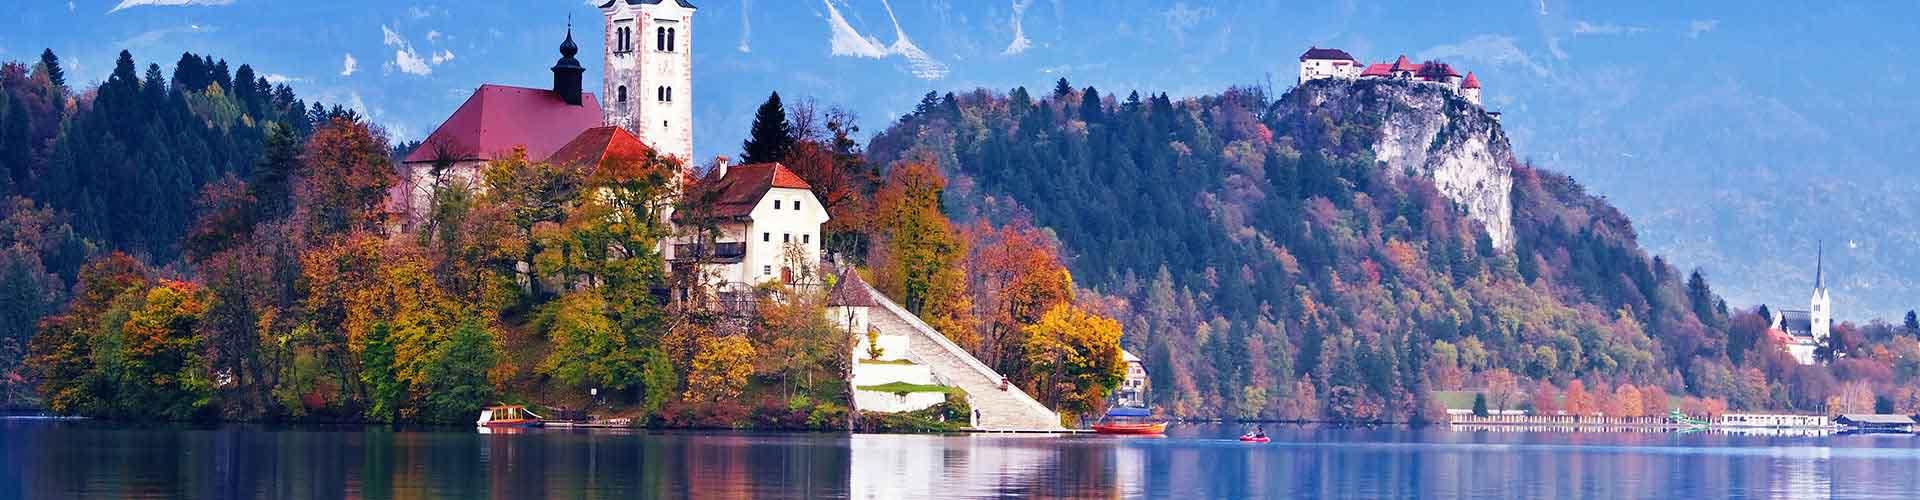 Bled - Albergues en Bled. Mapas de Bled, Fotos y Comentarios para cada Albergue en Bled.